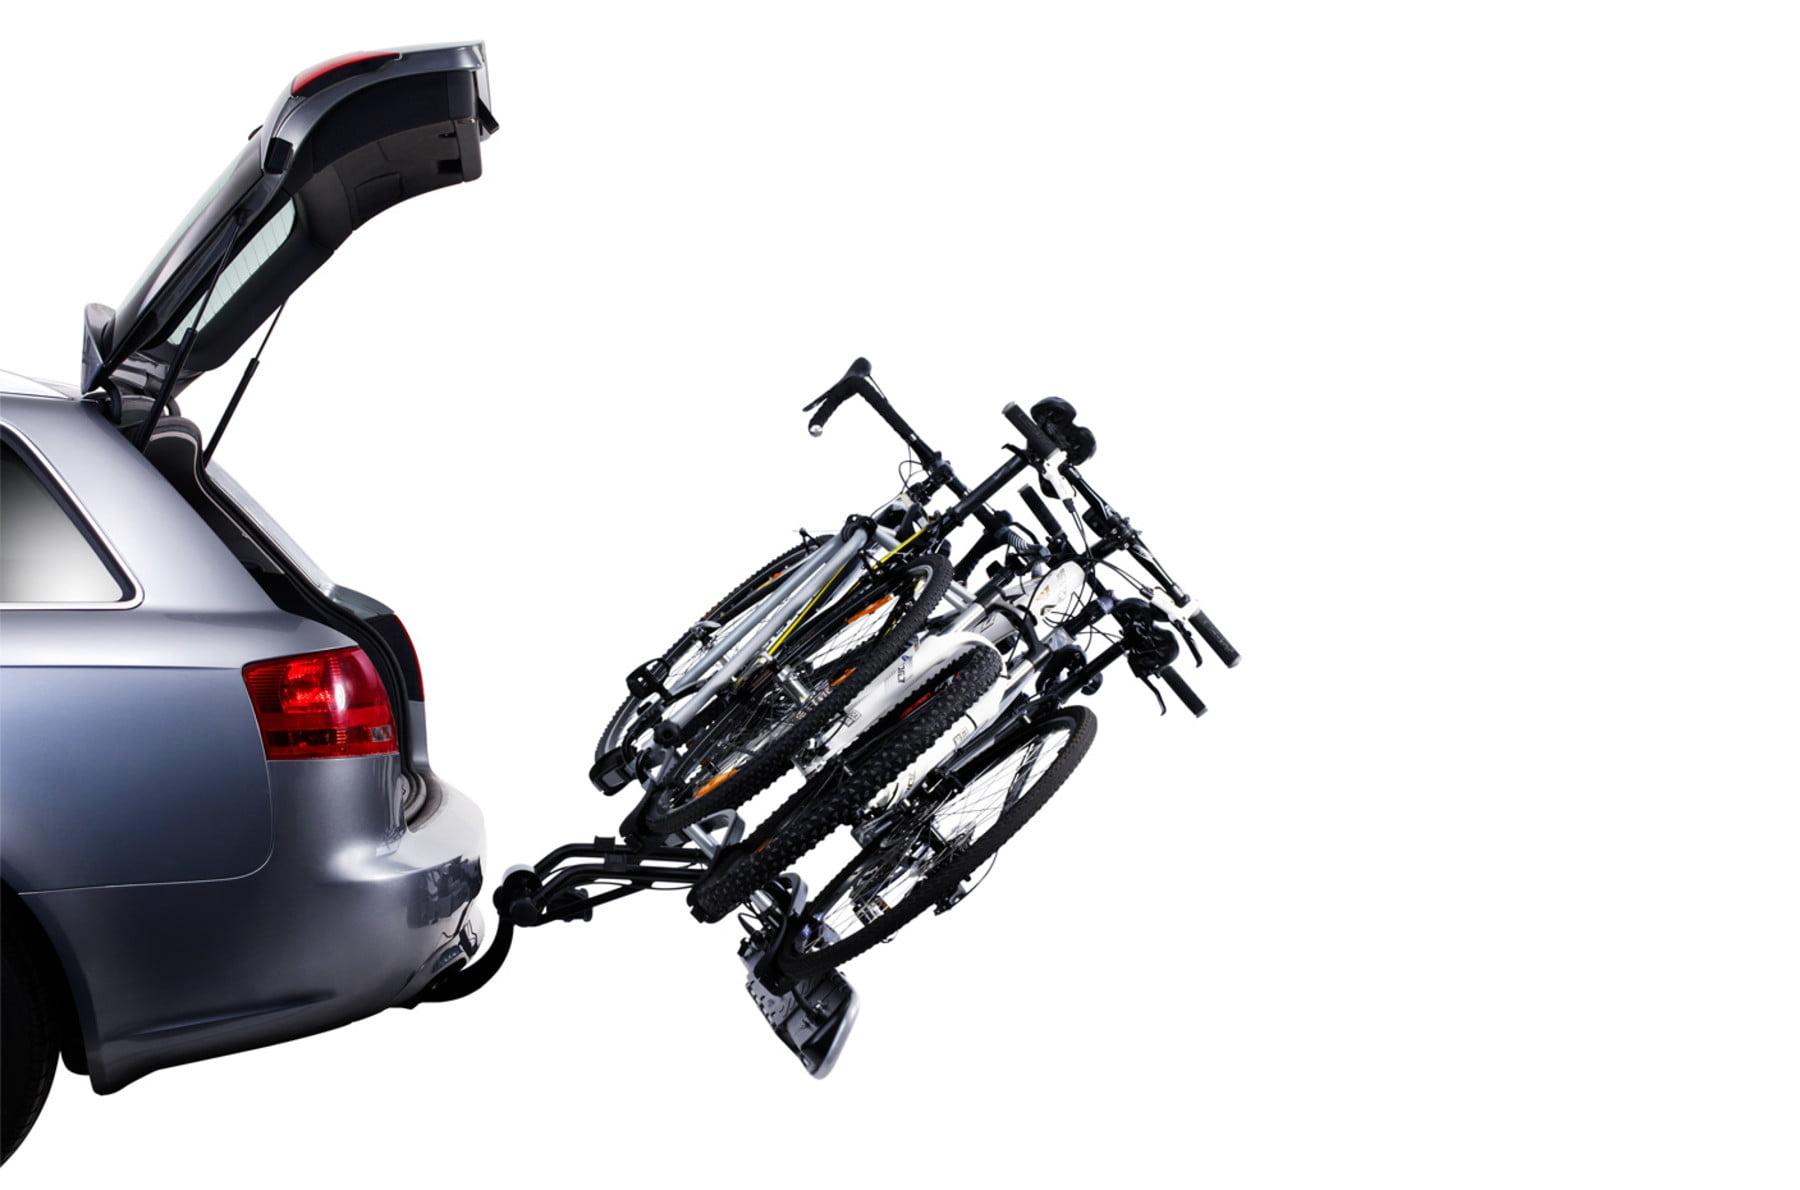 Suport biciclete Thule EuroRide 943 cu prindere pe carligul de remorcare pentru 3 biciclete 6